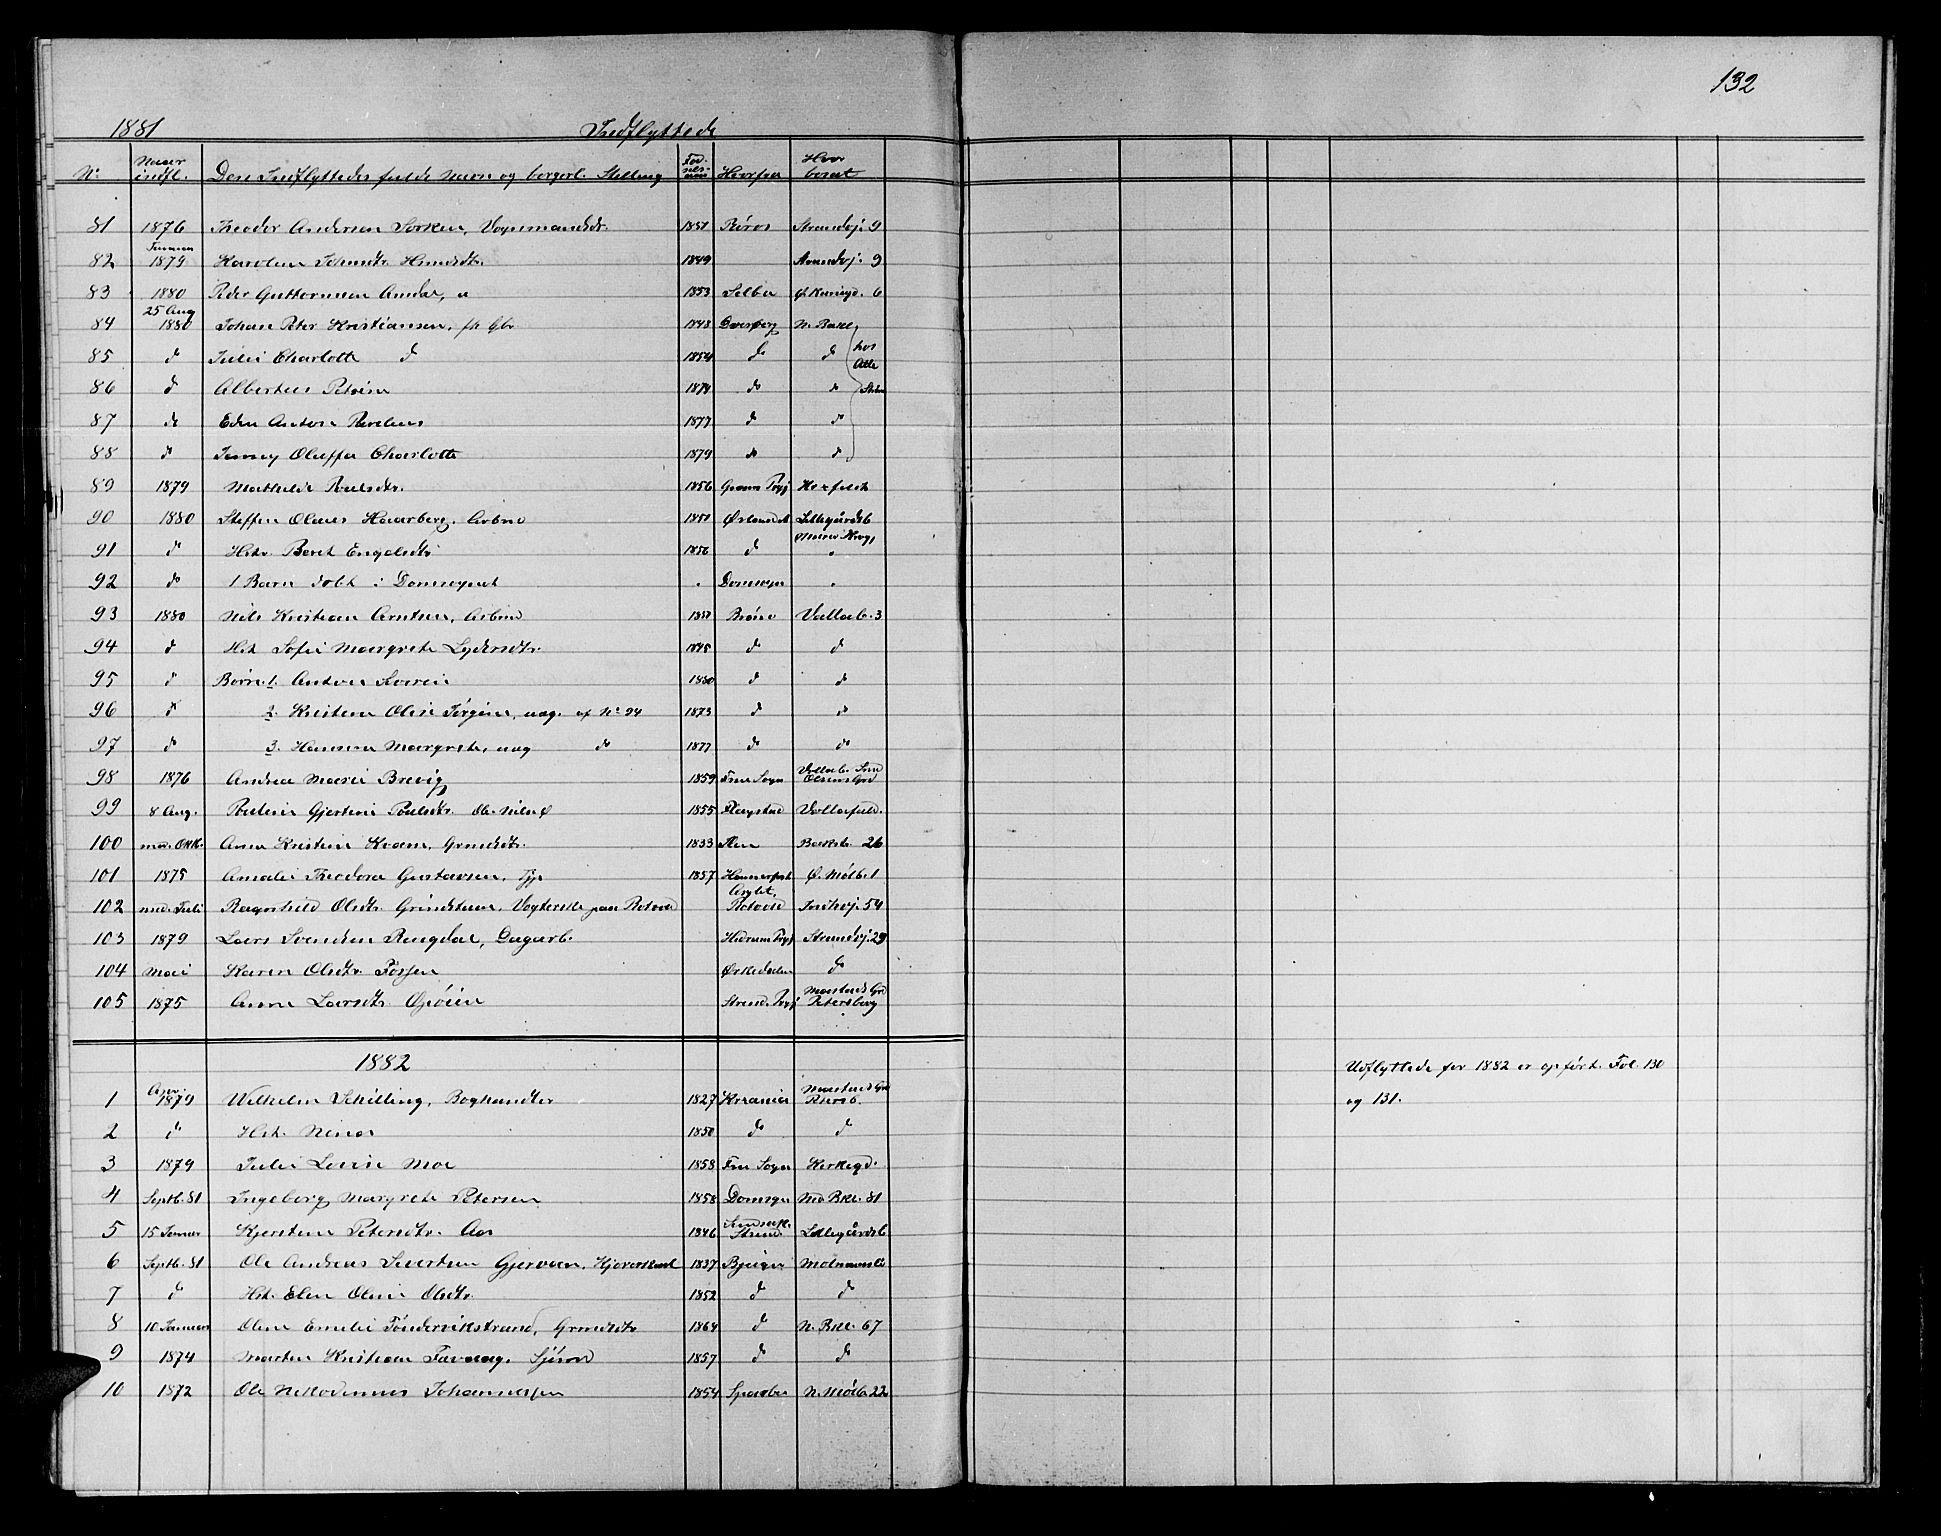 SAT, Ministerialprotokoller, klokkerbøker og fødselsregistre - Sør-Trøndelag, 604/L0221: Klokkerbok nr. 604C04, 1870-1885, s. 132